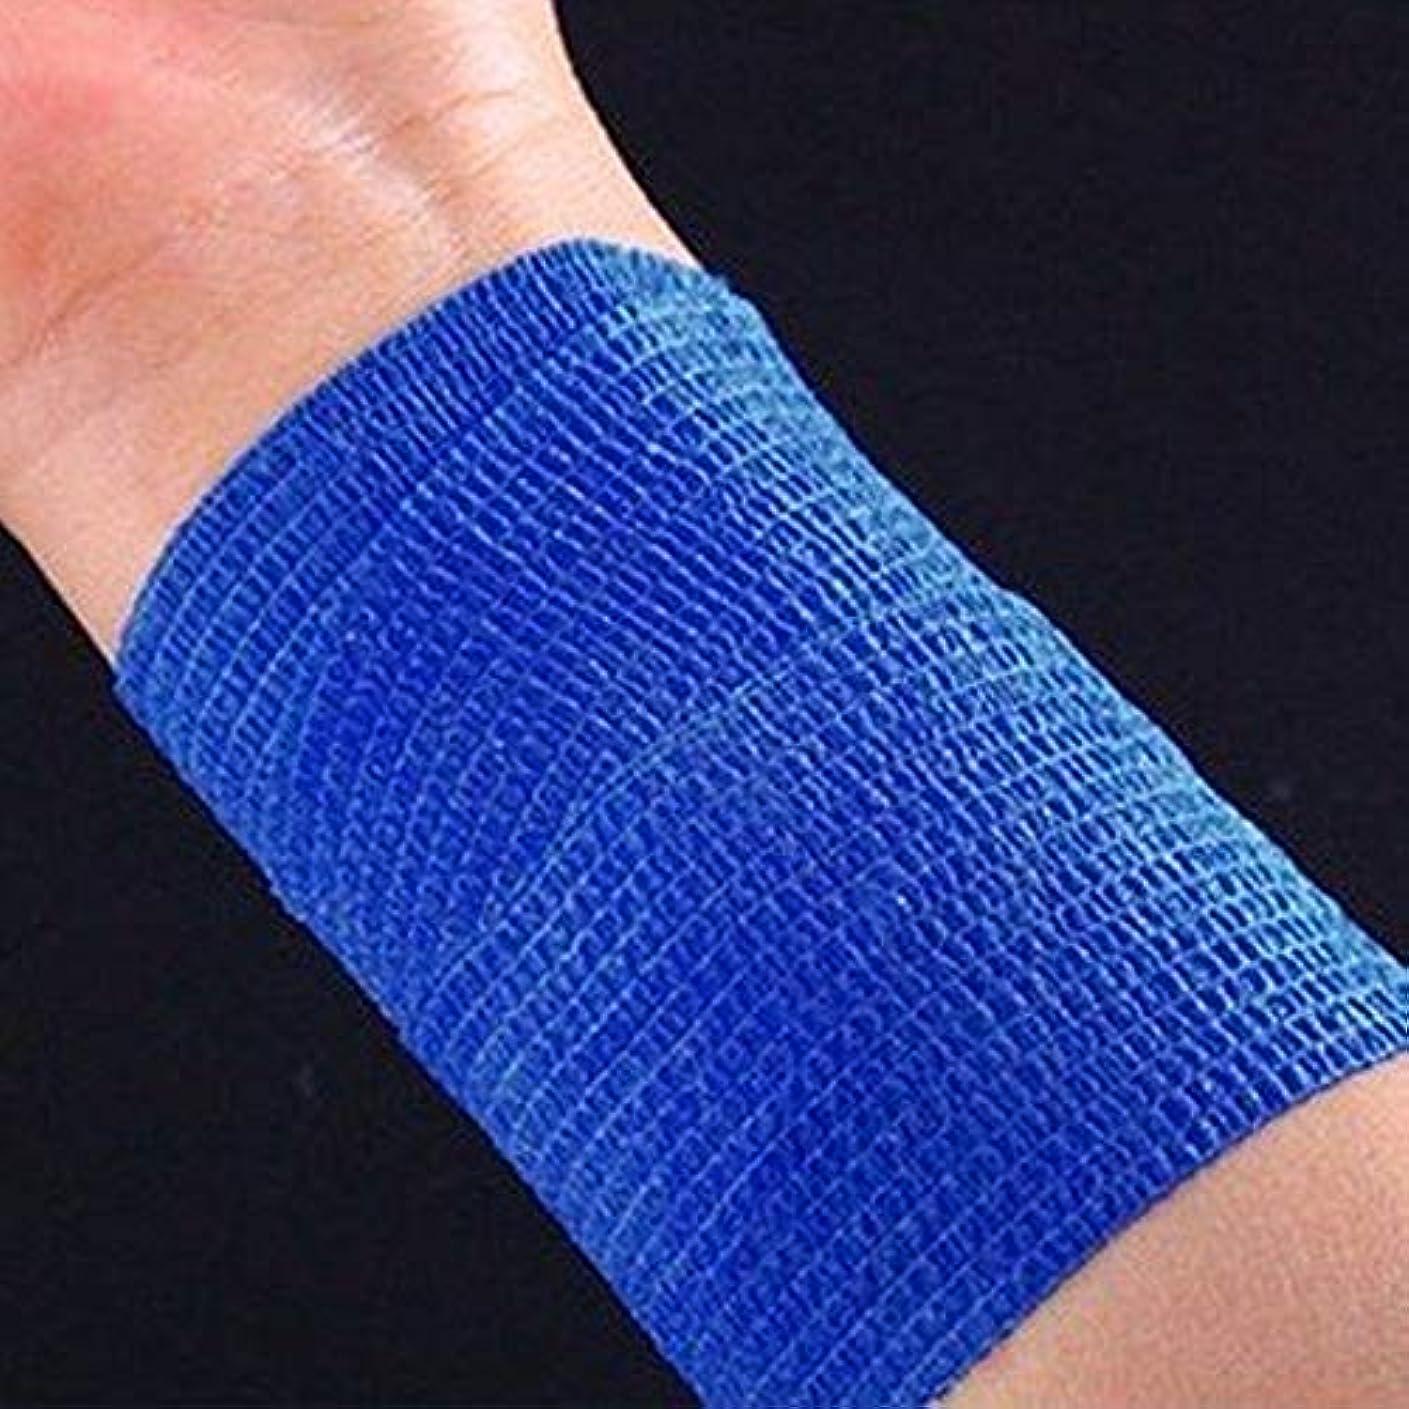 おびえた繁栄するシーズンPichidr-JP 自己接着包帯足首の捻挫、腫れや手首のための2インチの便利な弾性包帯